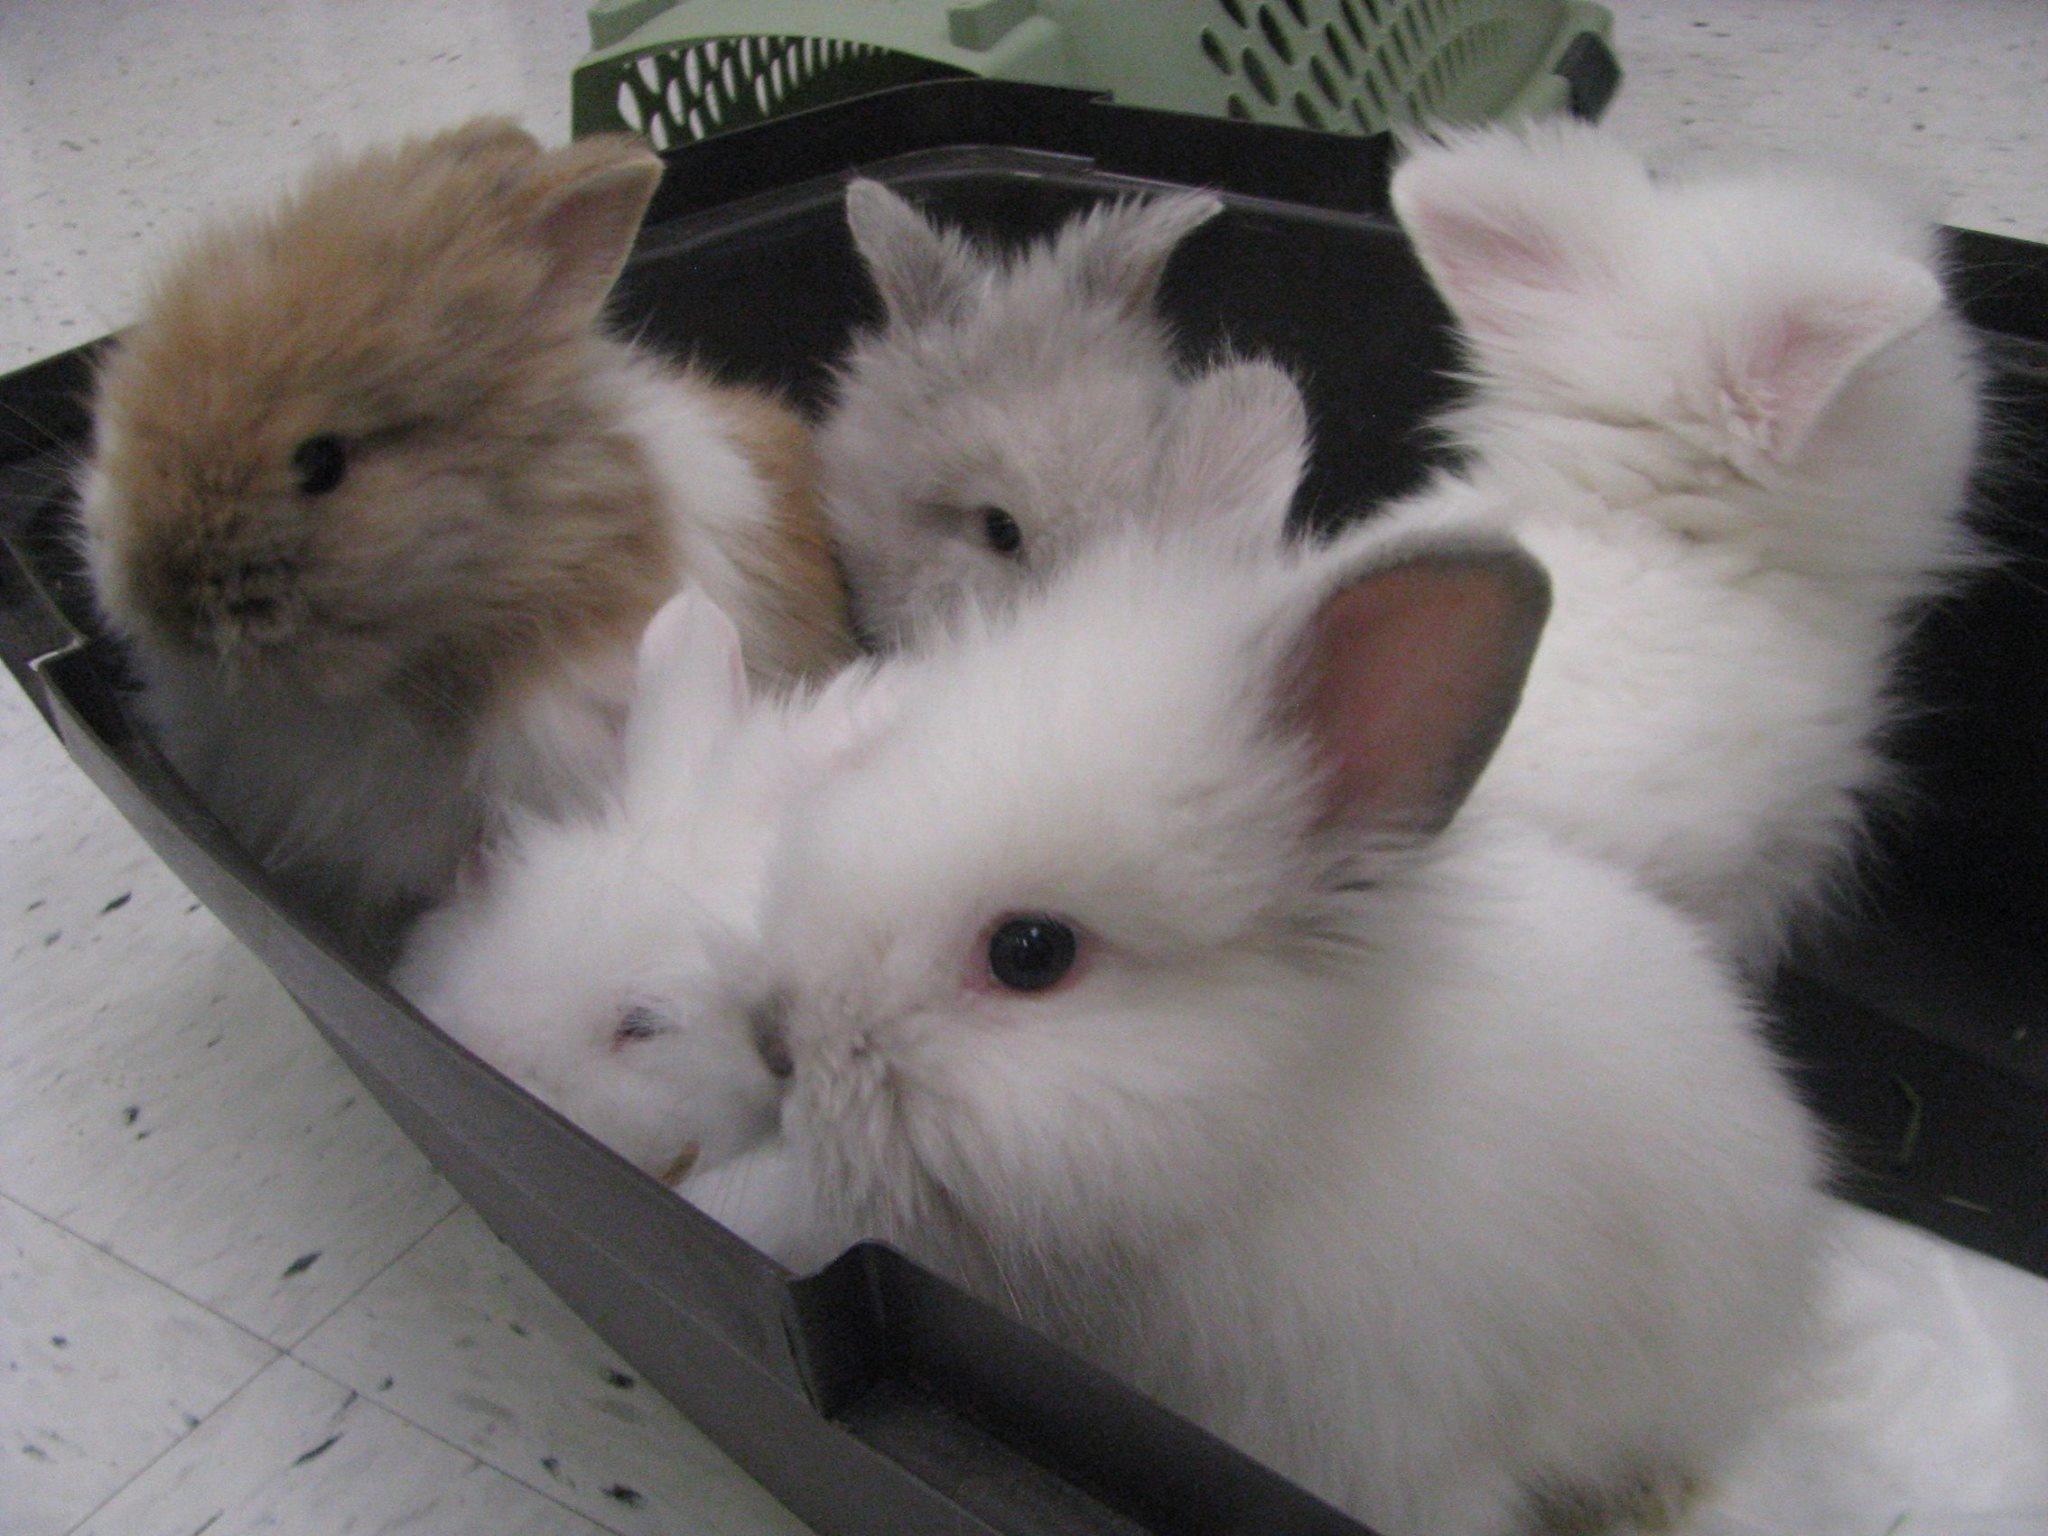 https://0901.nccdn.net/4_2/000/000/071/260/baby-bunnies-2048x1536.jpg